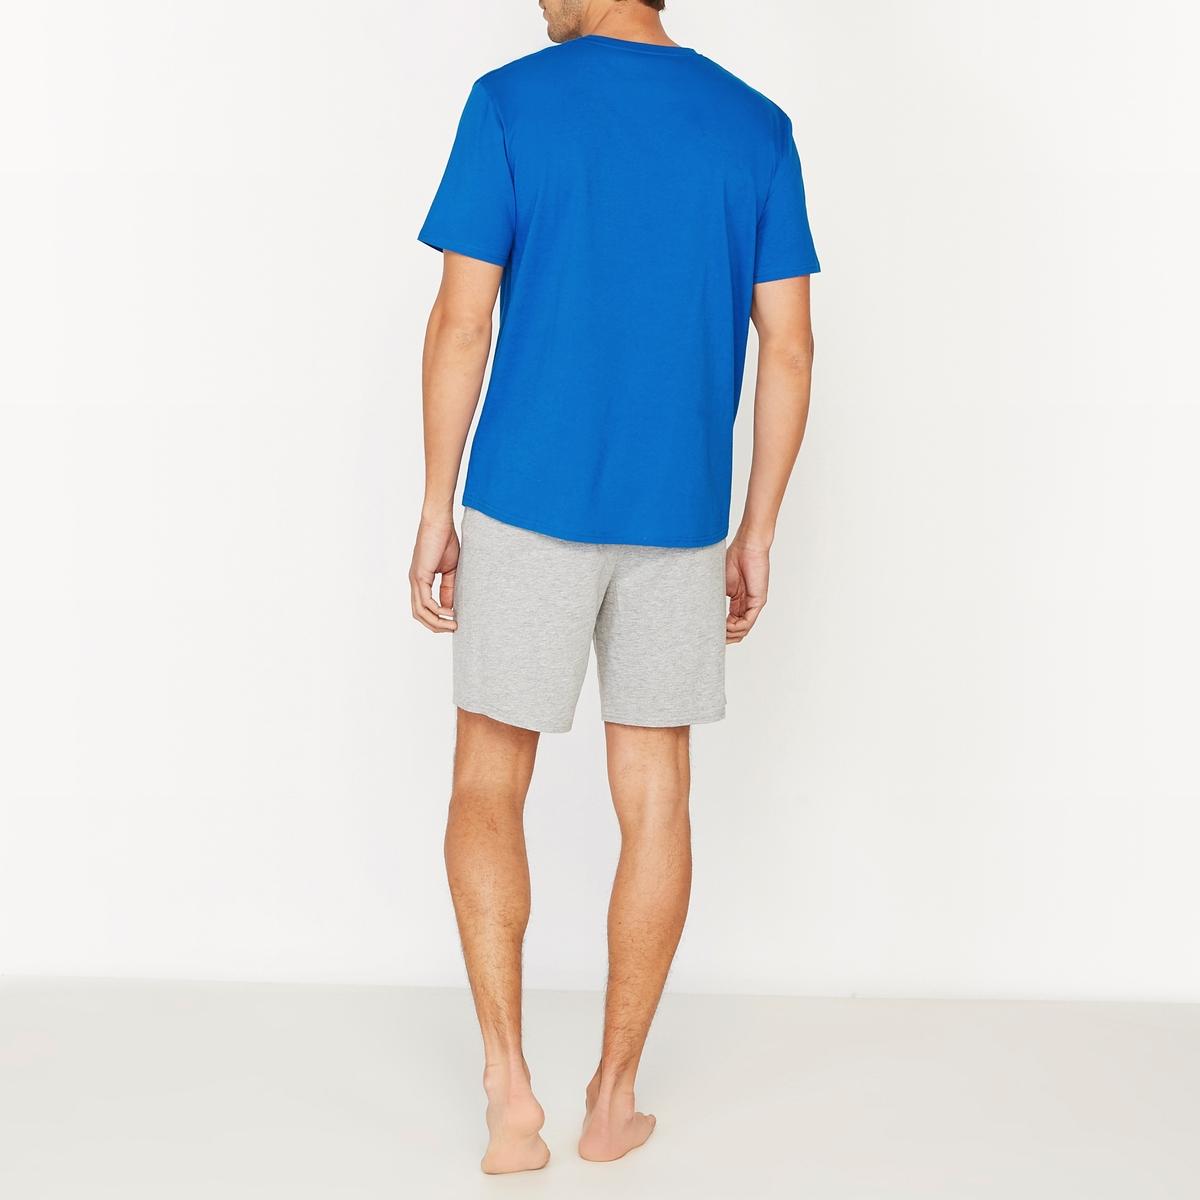 Пижама с шортами с V-образным вырезом из джерси 100% хлопок